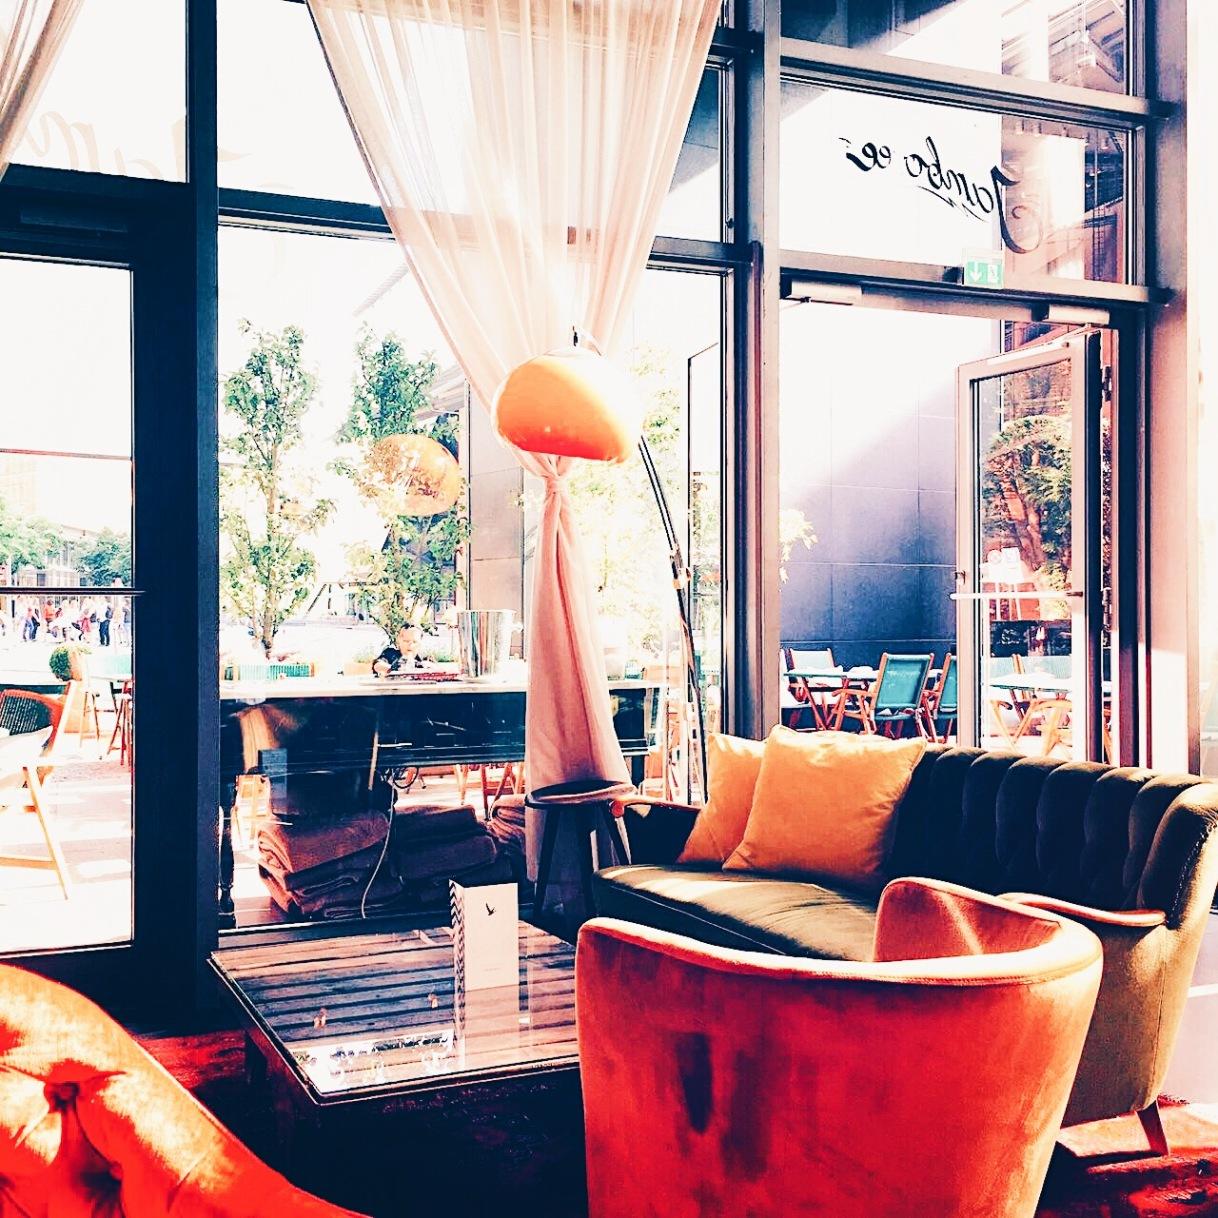 Willkommen im neuen Wohnzimmer Berlins. © katrin-lars.net